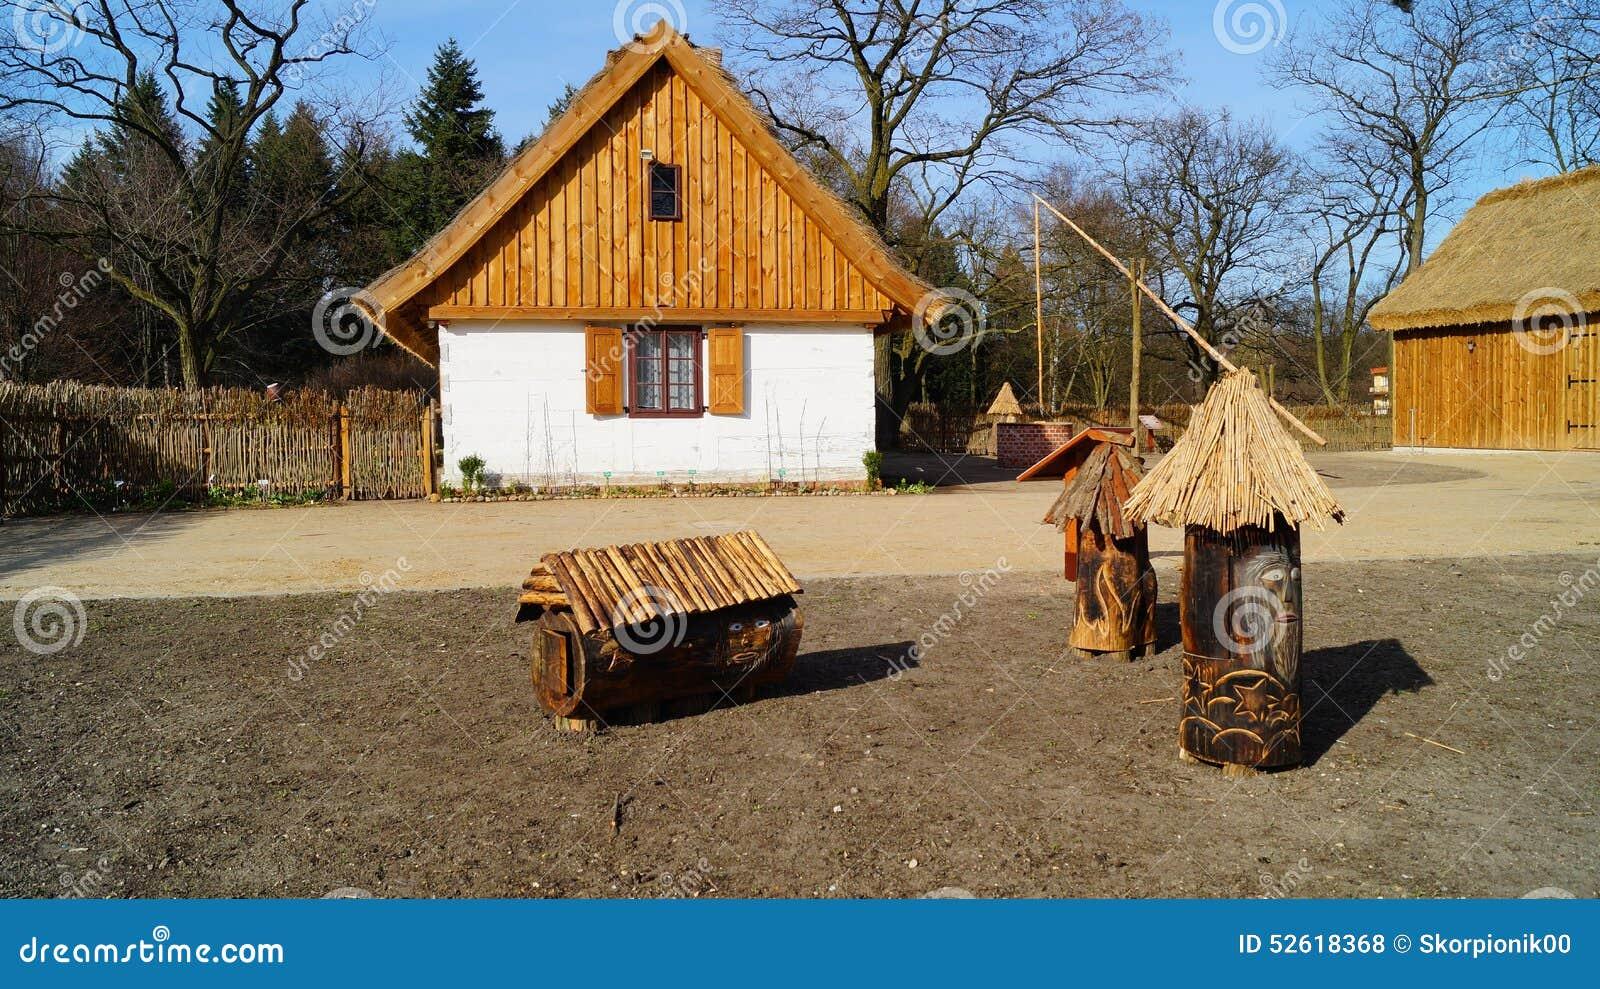 Κτήριο, σιταποθήκη, υπαίθριο μουσείο στο χωριό - αναδημιουργία IXX αιώνα